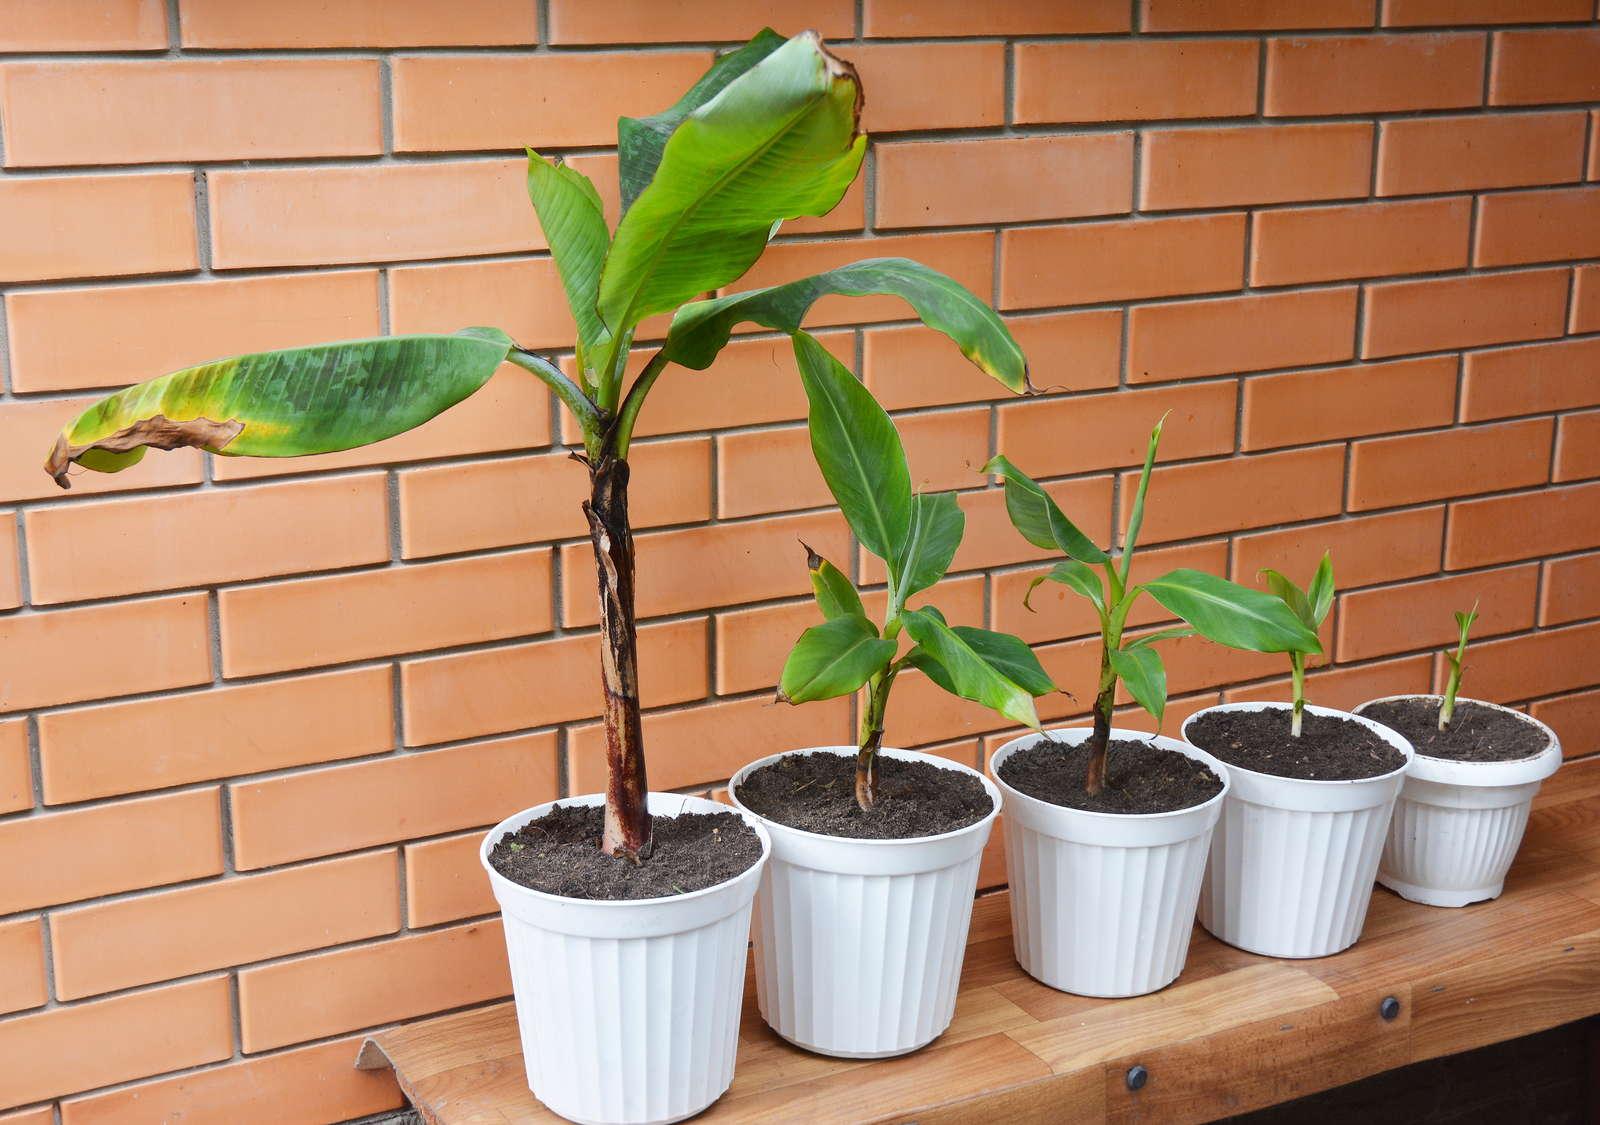 Atemberaubend Bananenpflanze erfolgreich überwintern & umtopfen - Plantura &FW_67